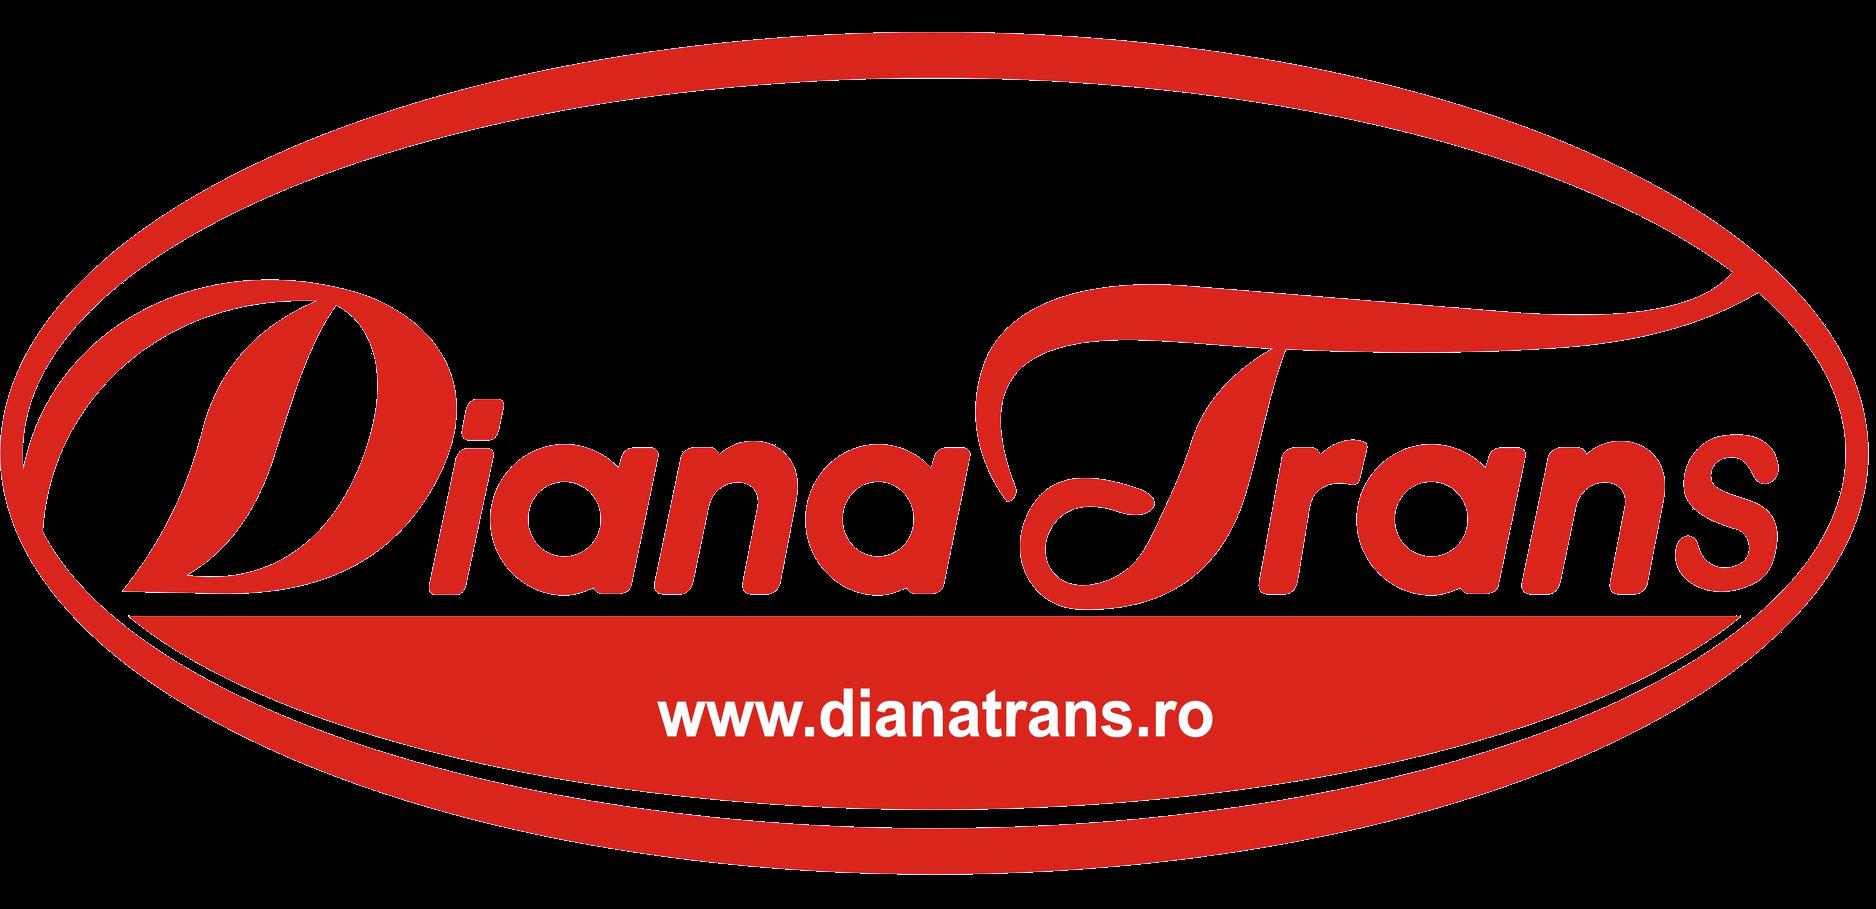 Dianatrans